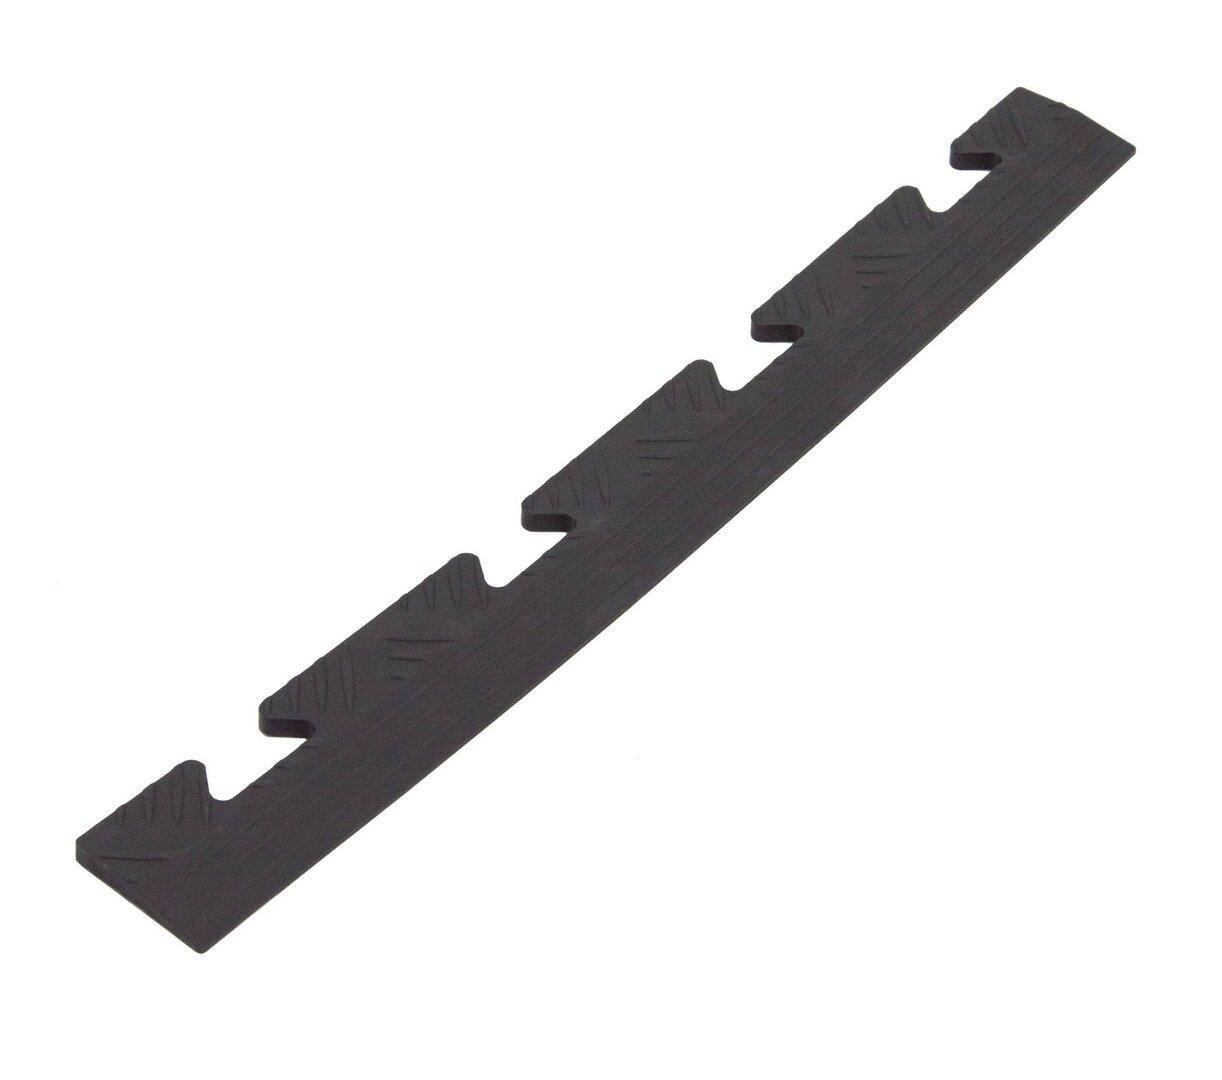 """Černý PVC vinylový nájezd """"samice"""" pro dlaždice Tenax - délka 48 cm, šířka 5,1 cm a výška 0,8 cm"""